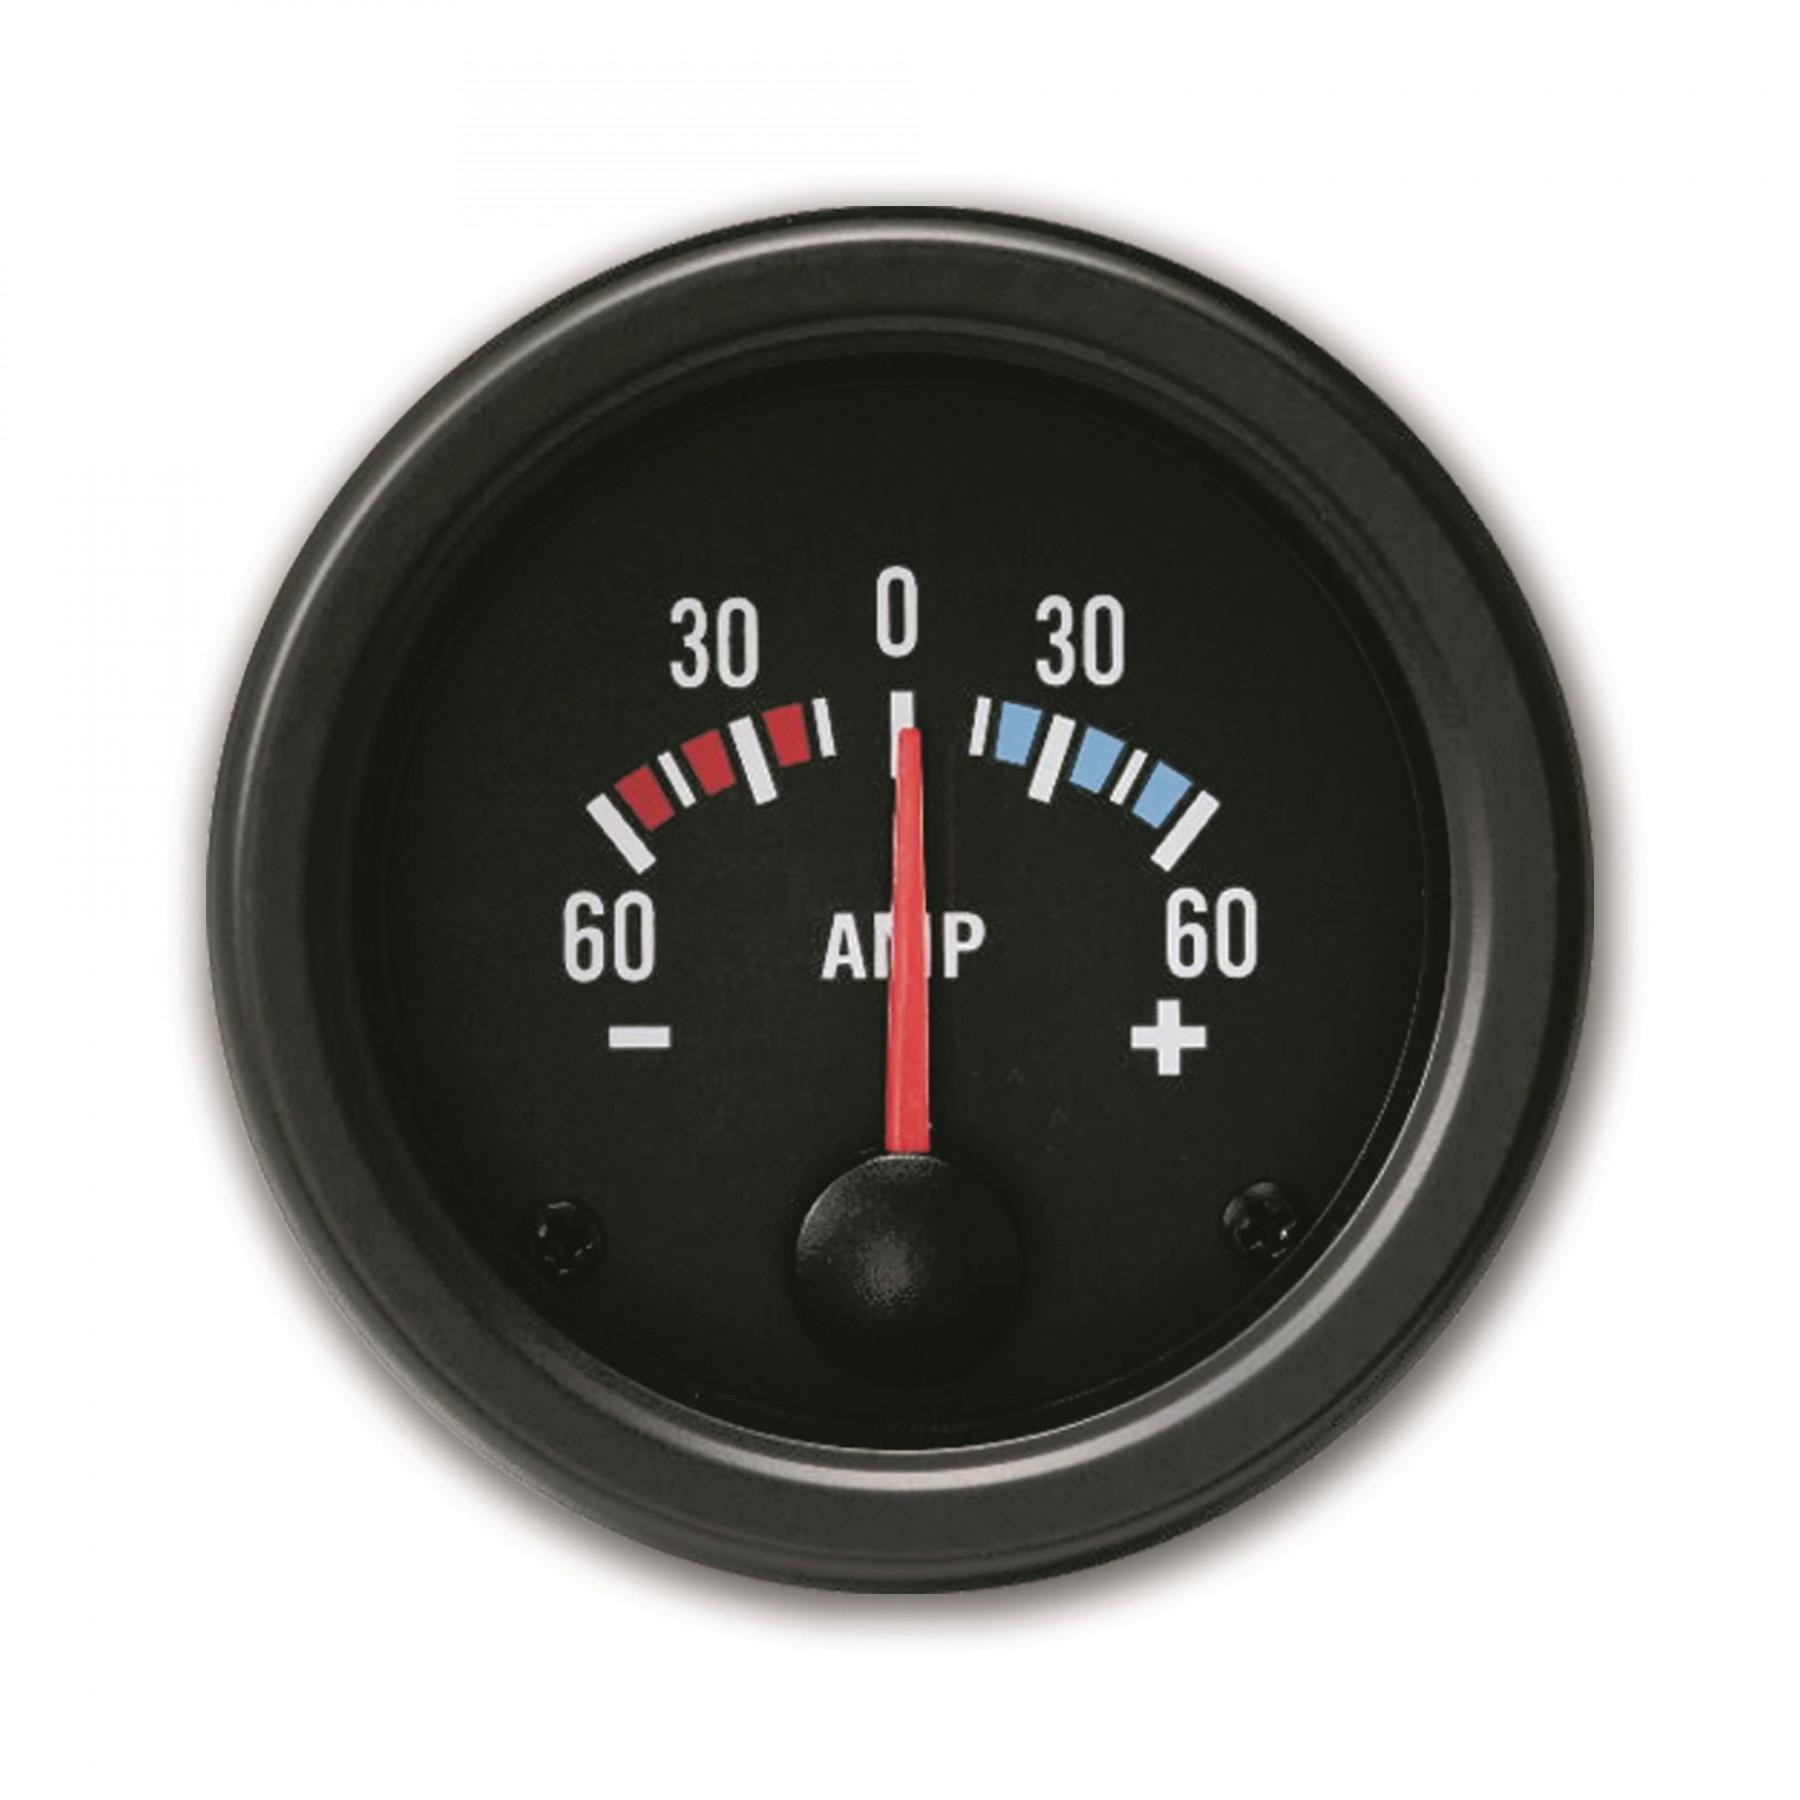 Amperemeter 60a Youngtimer Black Jom 21117v